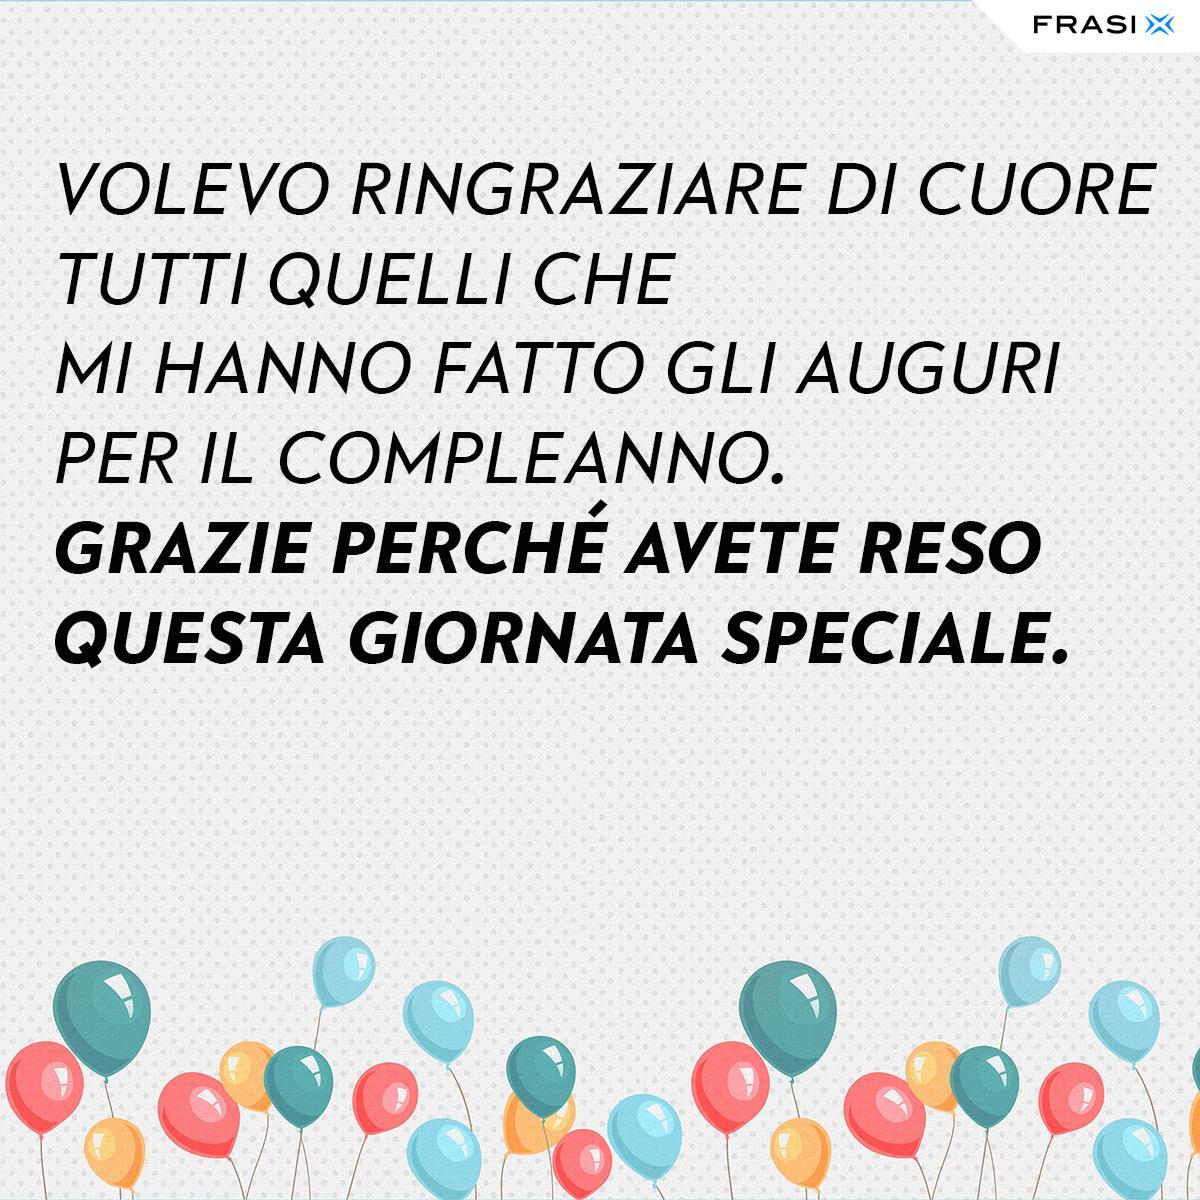 Frasi di ringraziamento per auguri di compleanno